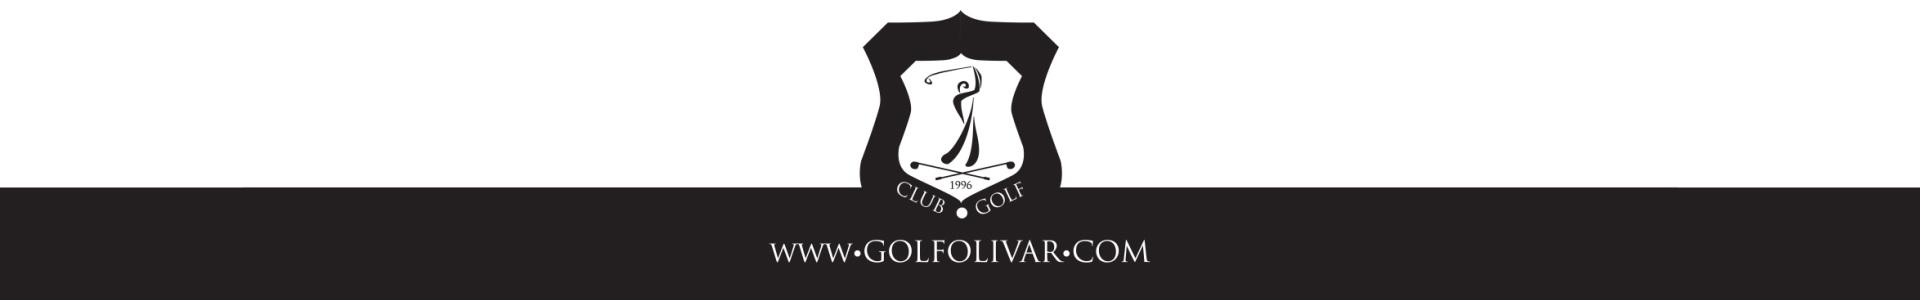 http://olivar.golf/wp-content/uploads/2016/02/Footer-Olivar-Hinojosa-Campo-de-las-Naciones-Golf-by-PerfectPixel-Publicidad.jpg